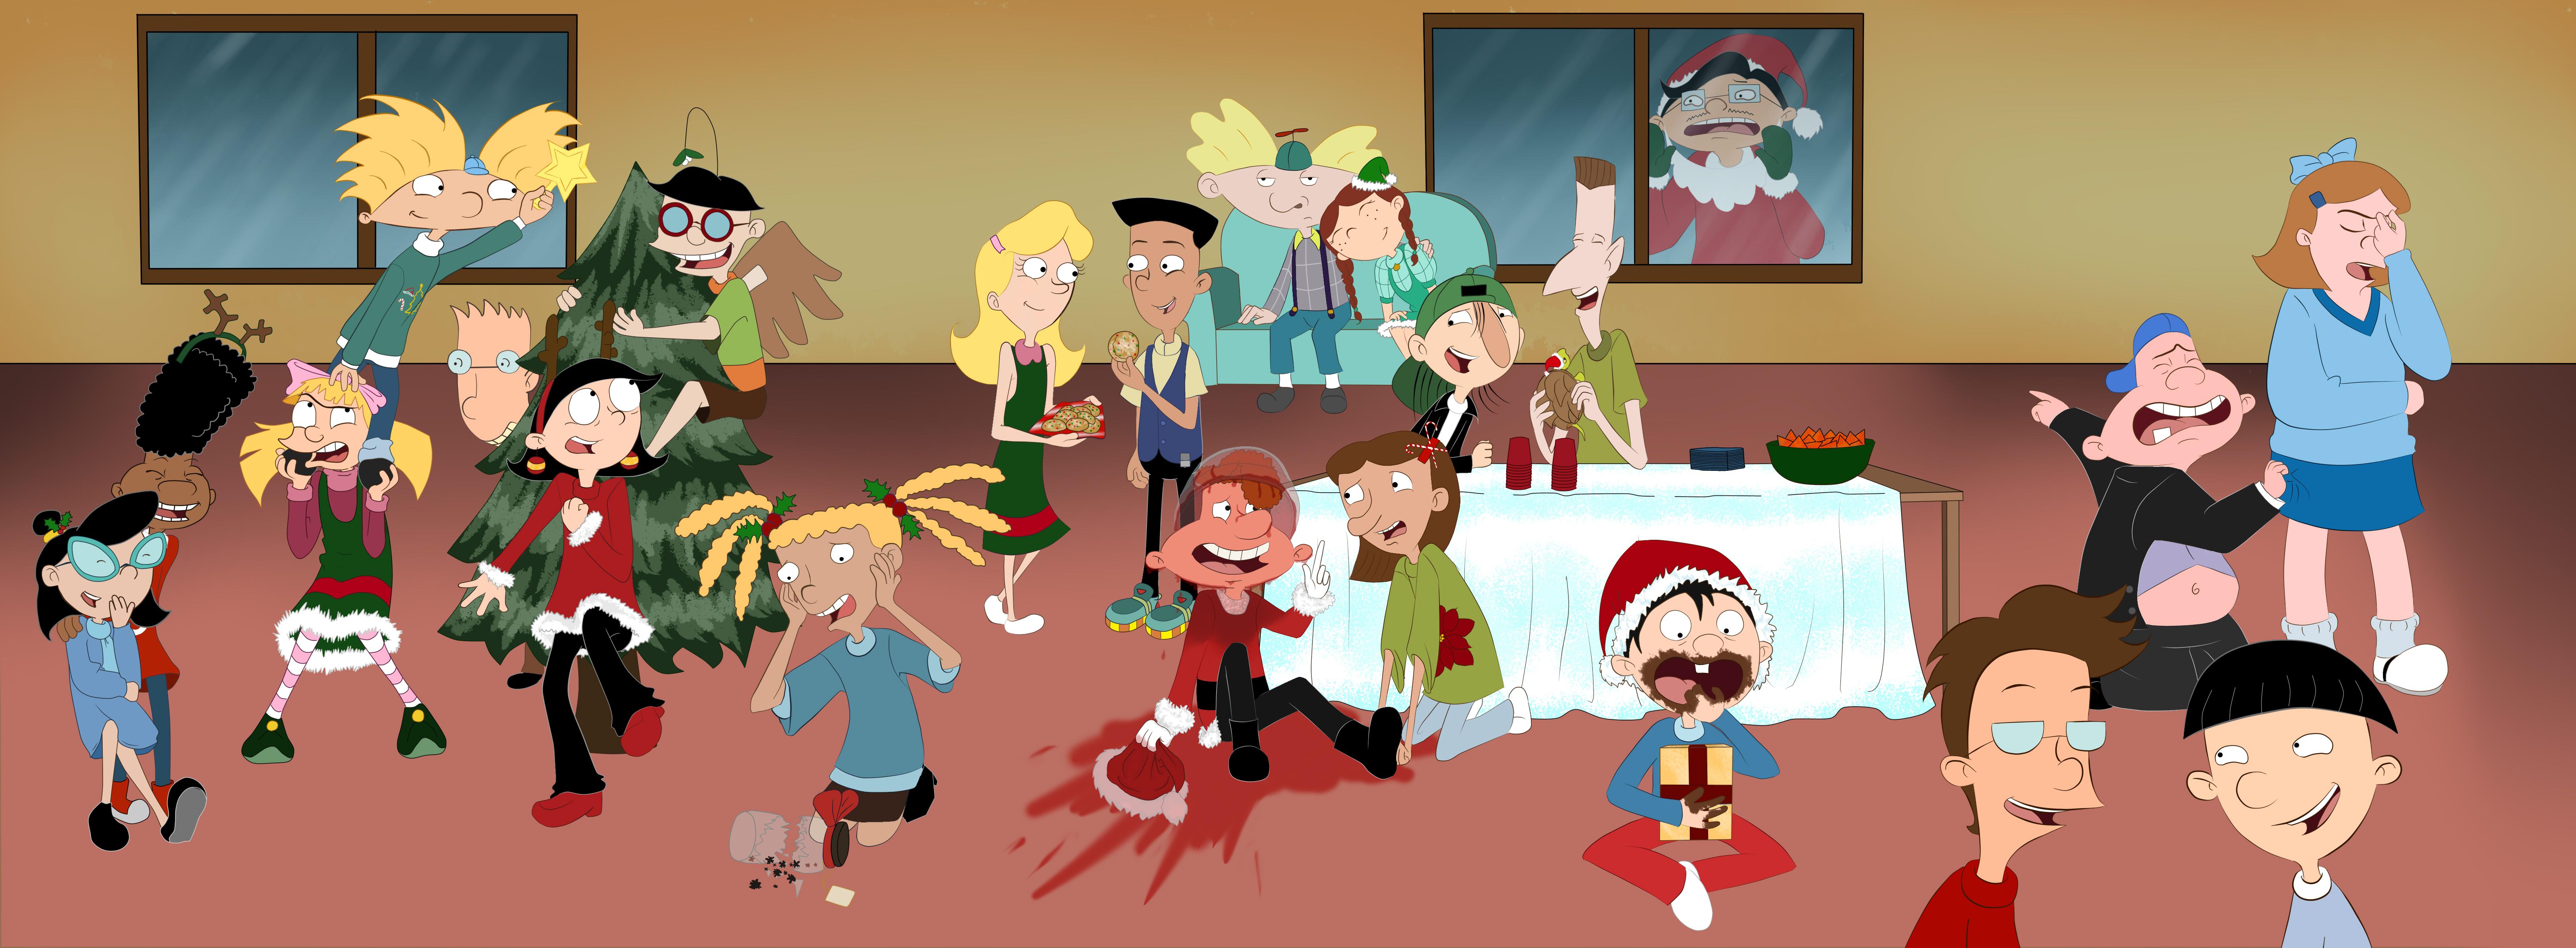 Christmas Disaster by Mylastfantasy